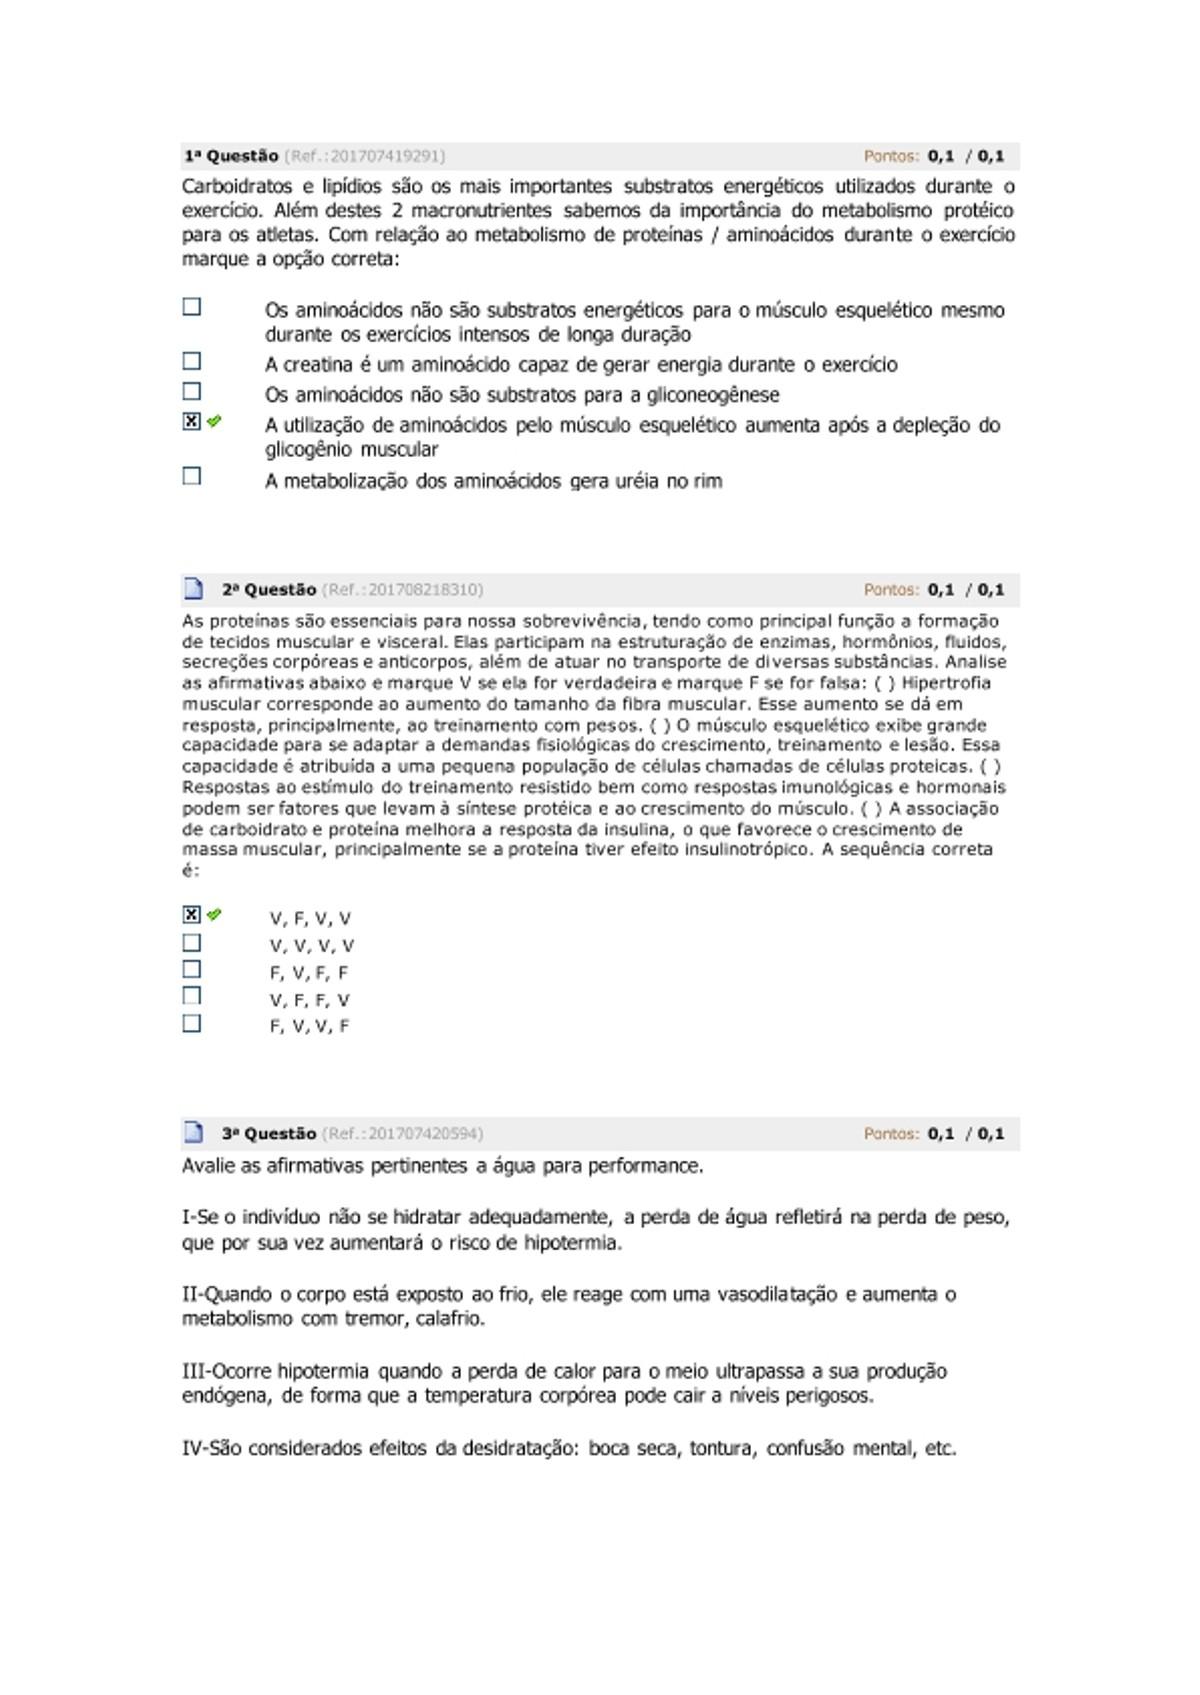 Pre-visualização do material avaliando 2 nutrição esportiva - página 1